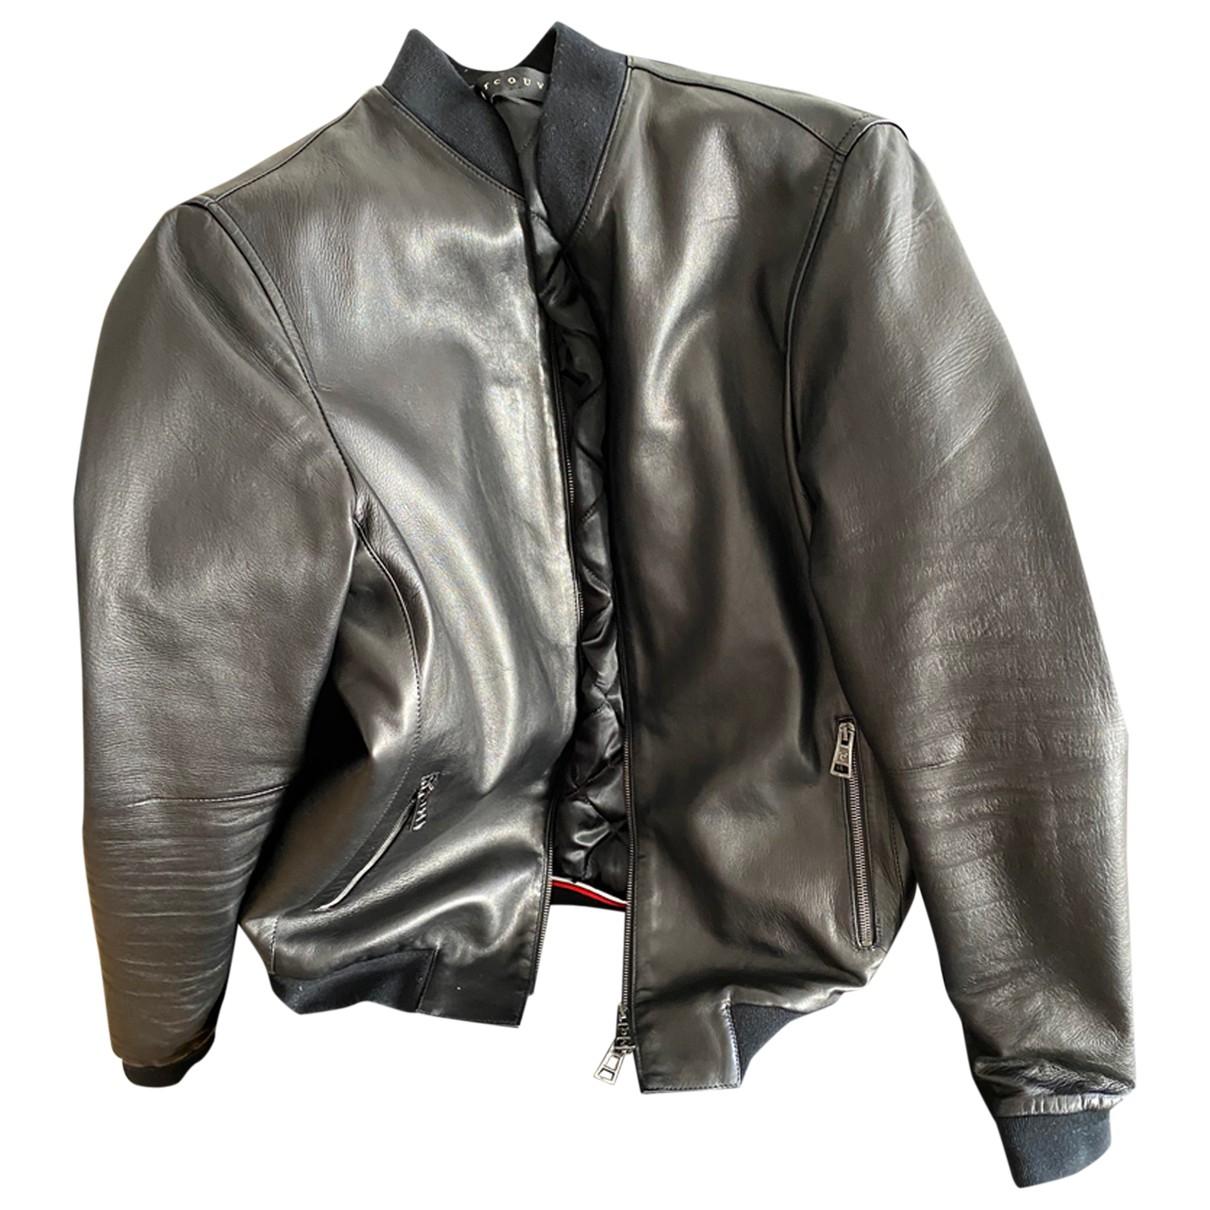 Ventcouvert - Vestes.Blousons   pour homme en cuir - noir